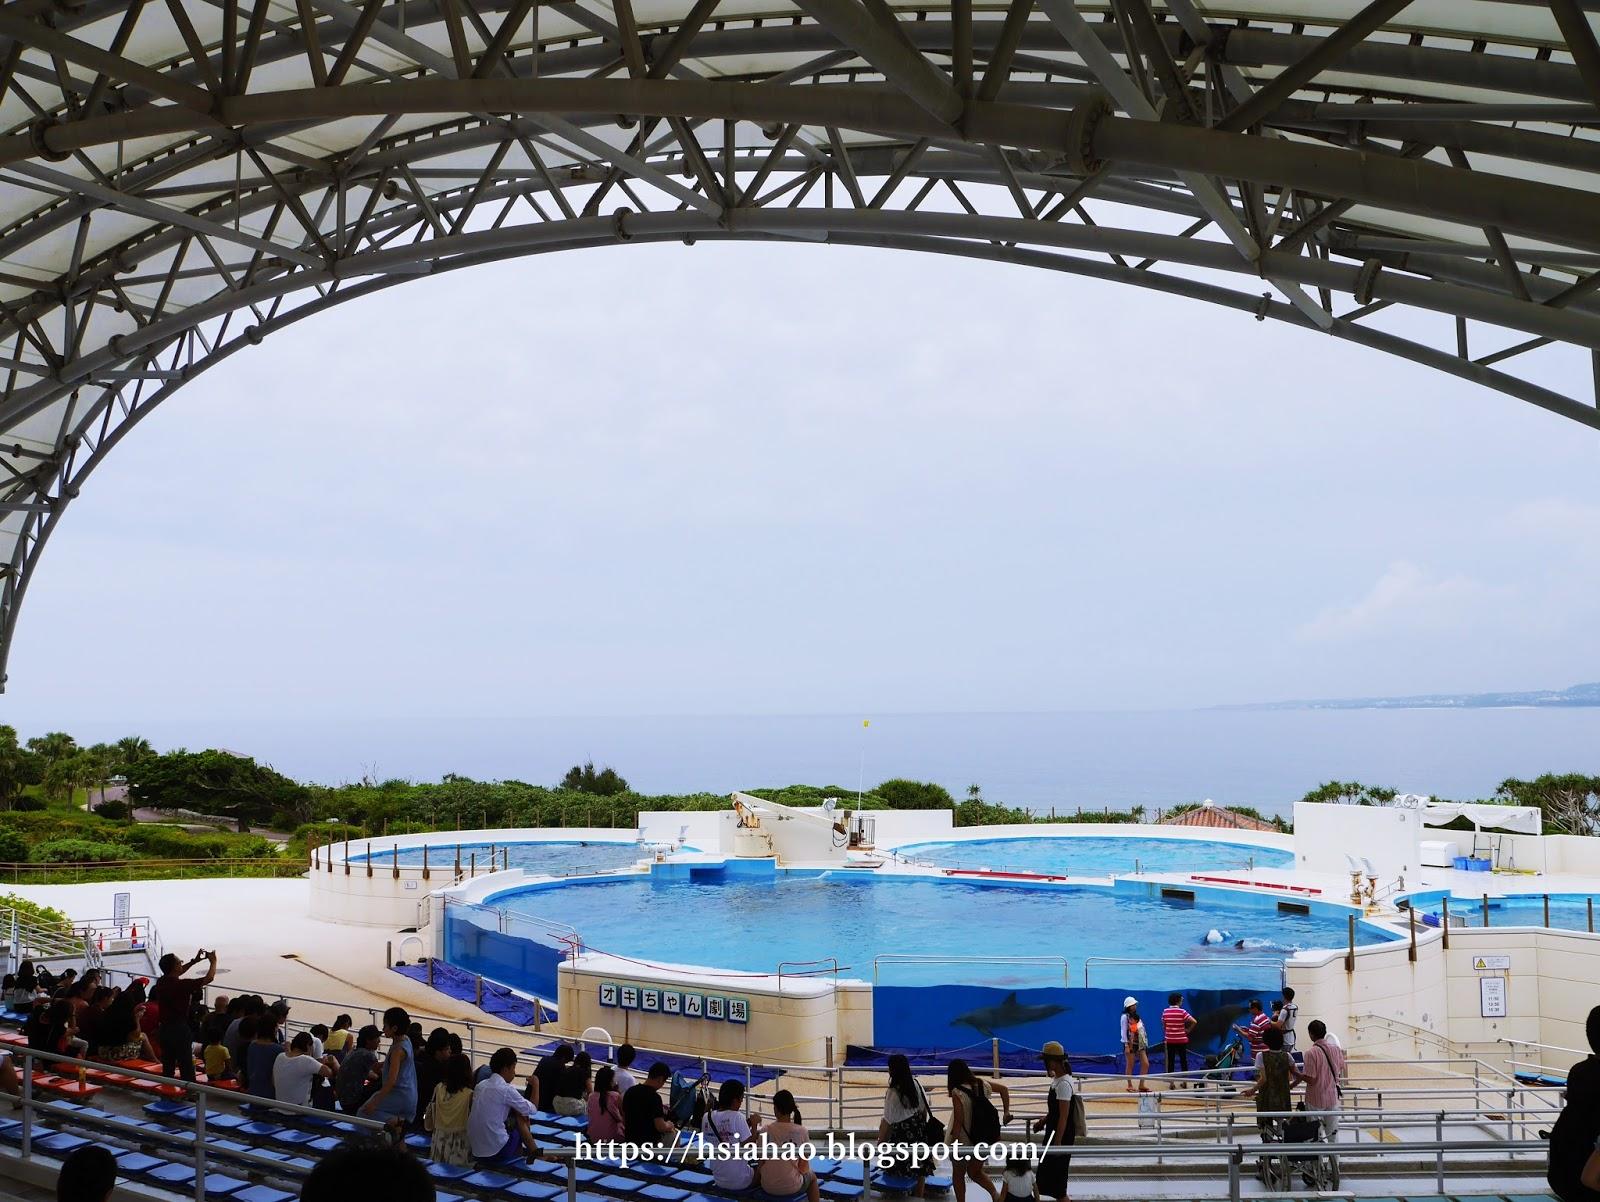 沖繩-海洋博公園-美麗海水族館-景點-自由行-旅遊-旅行-okinawa-ocean-expo-park-Churaumi